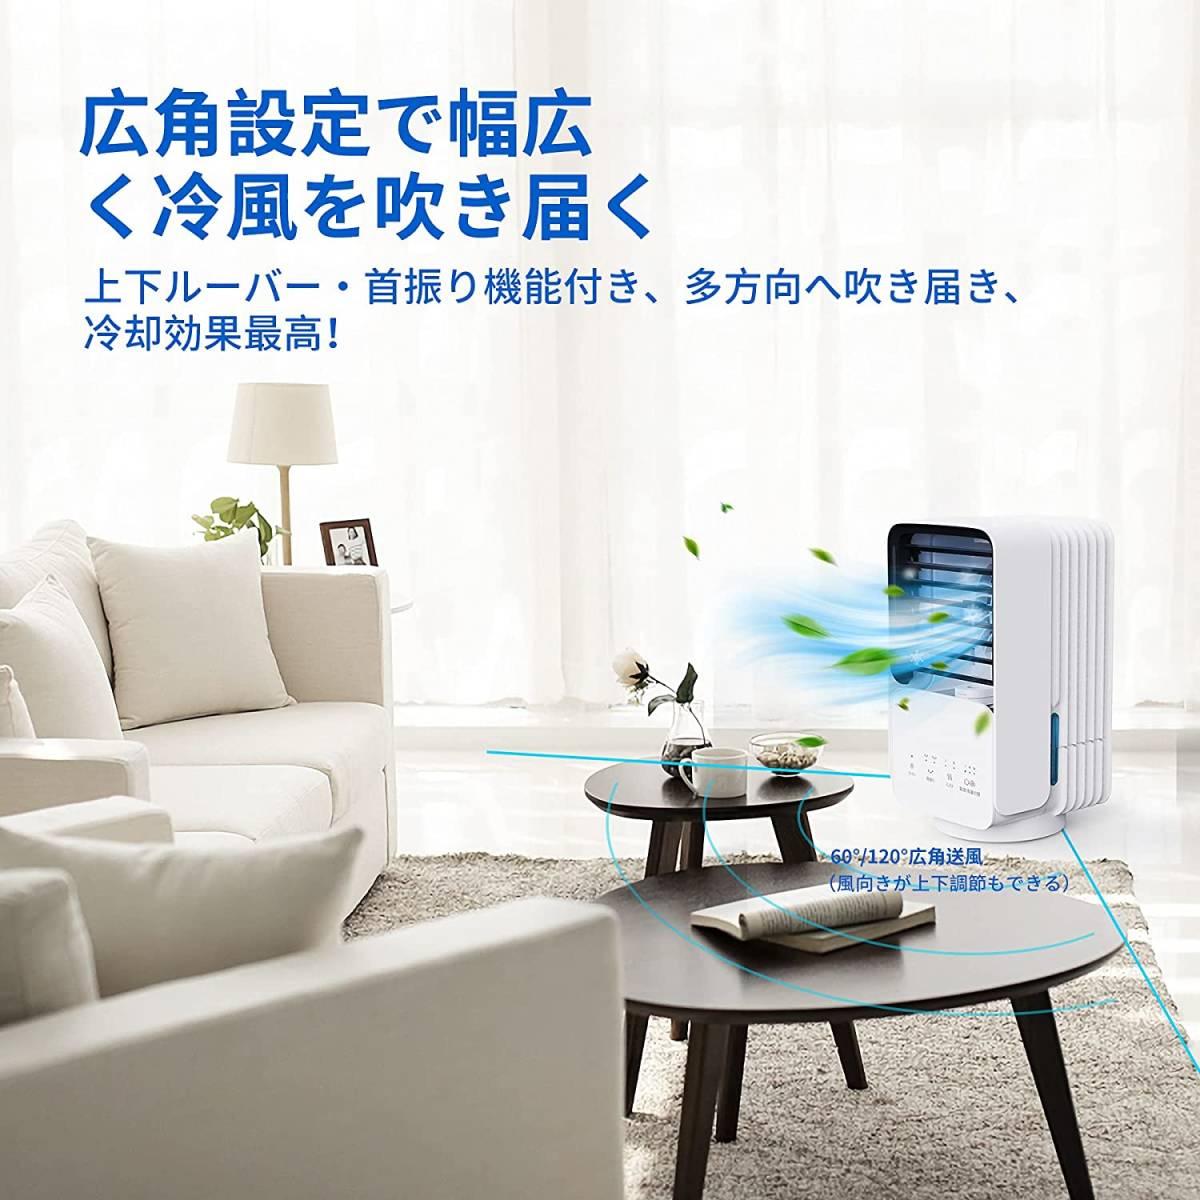 冷風機 冷風扇 スポットクーラー ミニクーラー 卓上冷風機 扇風機 2段階ミスト調節_画像3